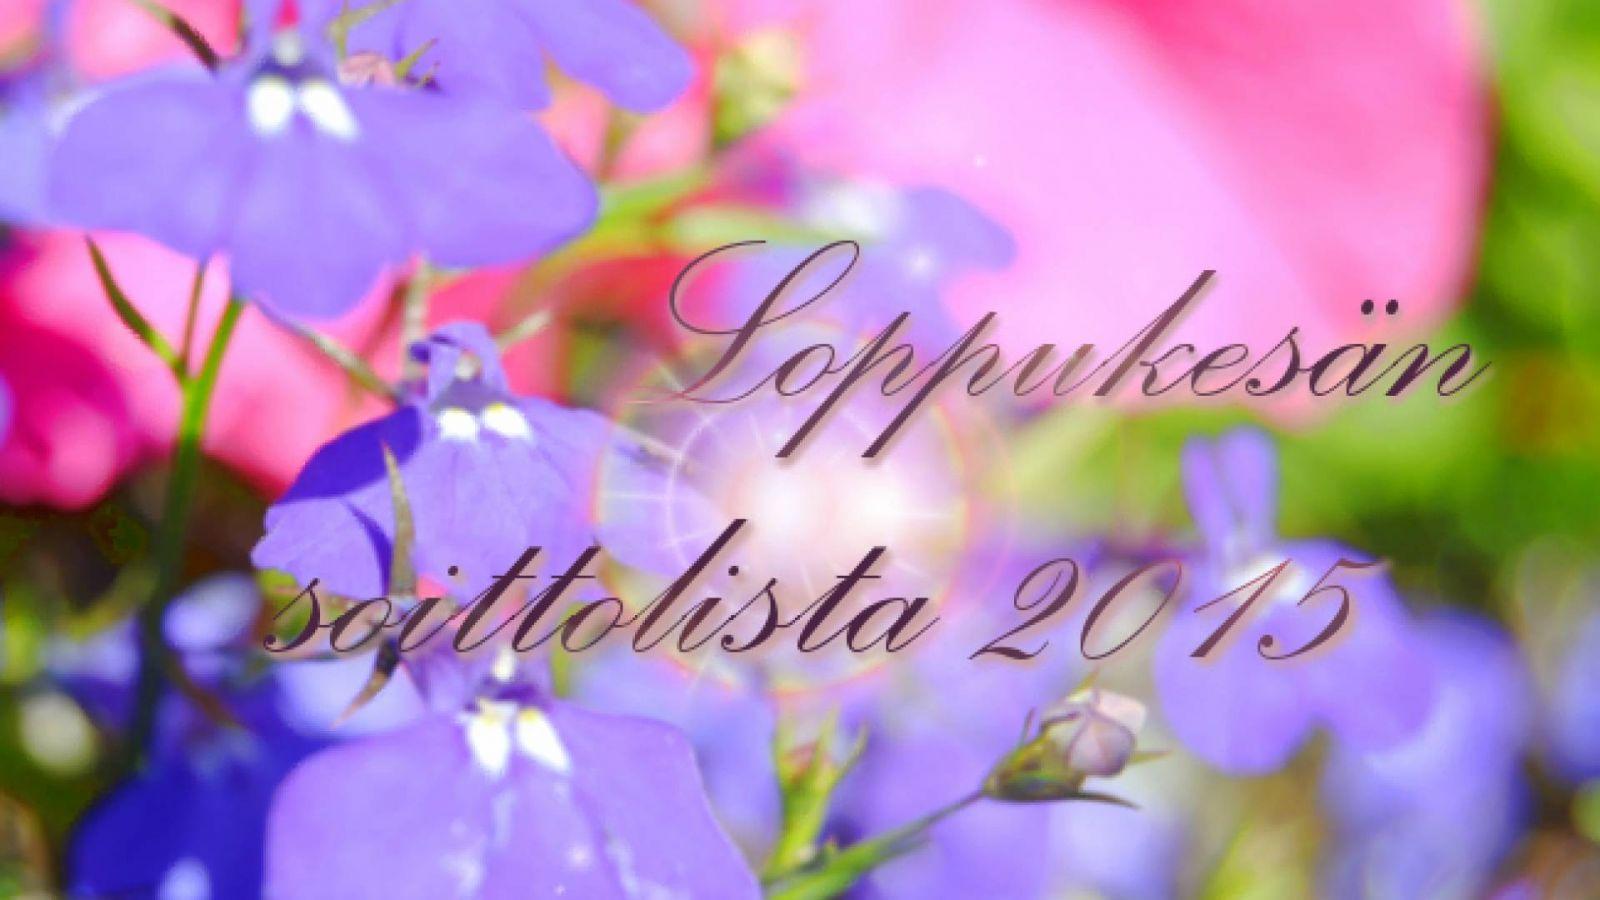 Loppukesän soittolista © KoME Suomi